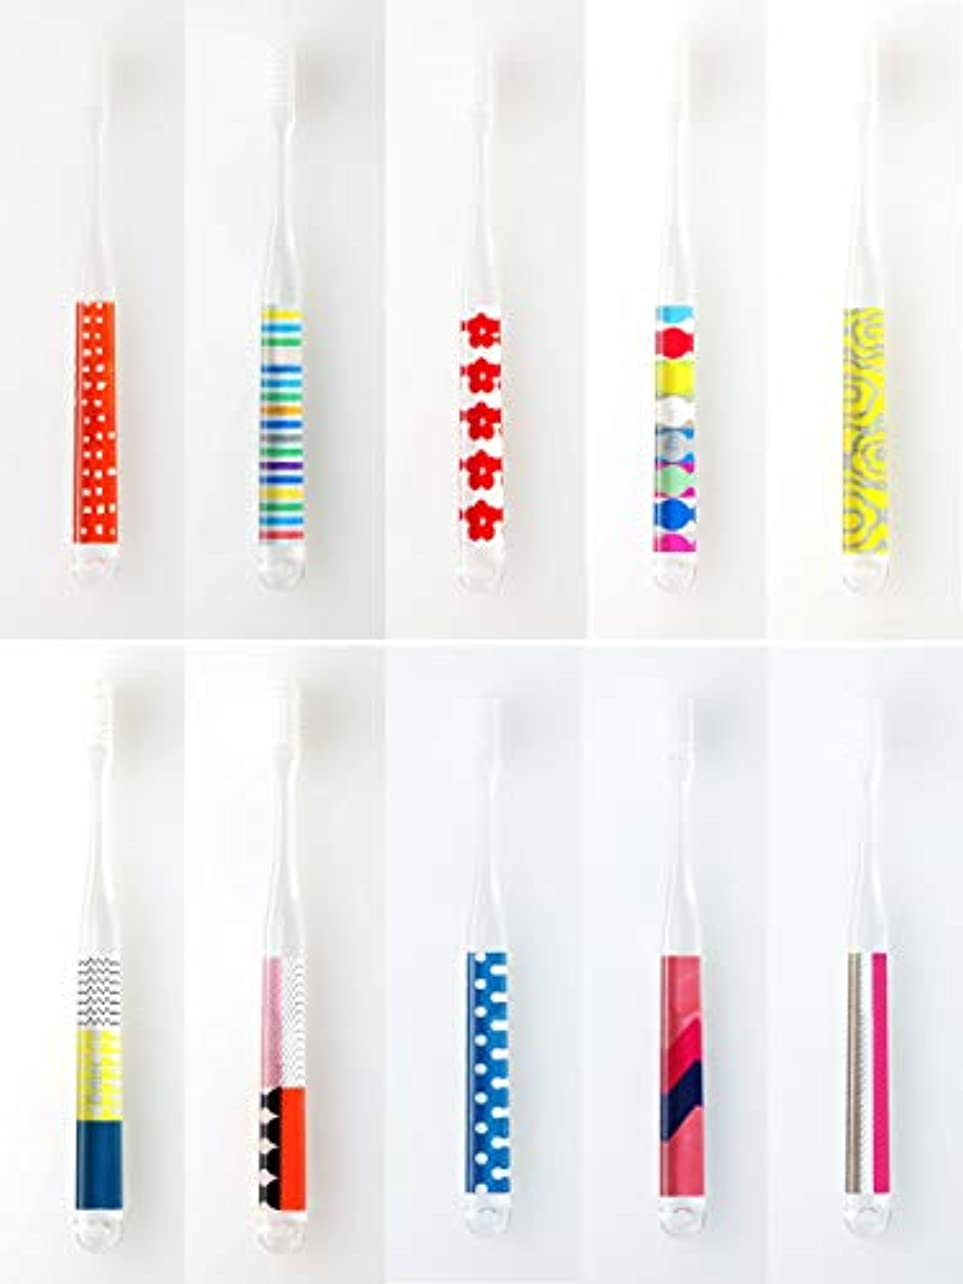 飲み込む処方生産性MOYO モヨウ 歯ブラシ POP 10本セット_562302-pop3 【F】,POP10本セット ハブラシ